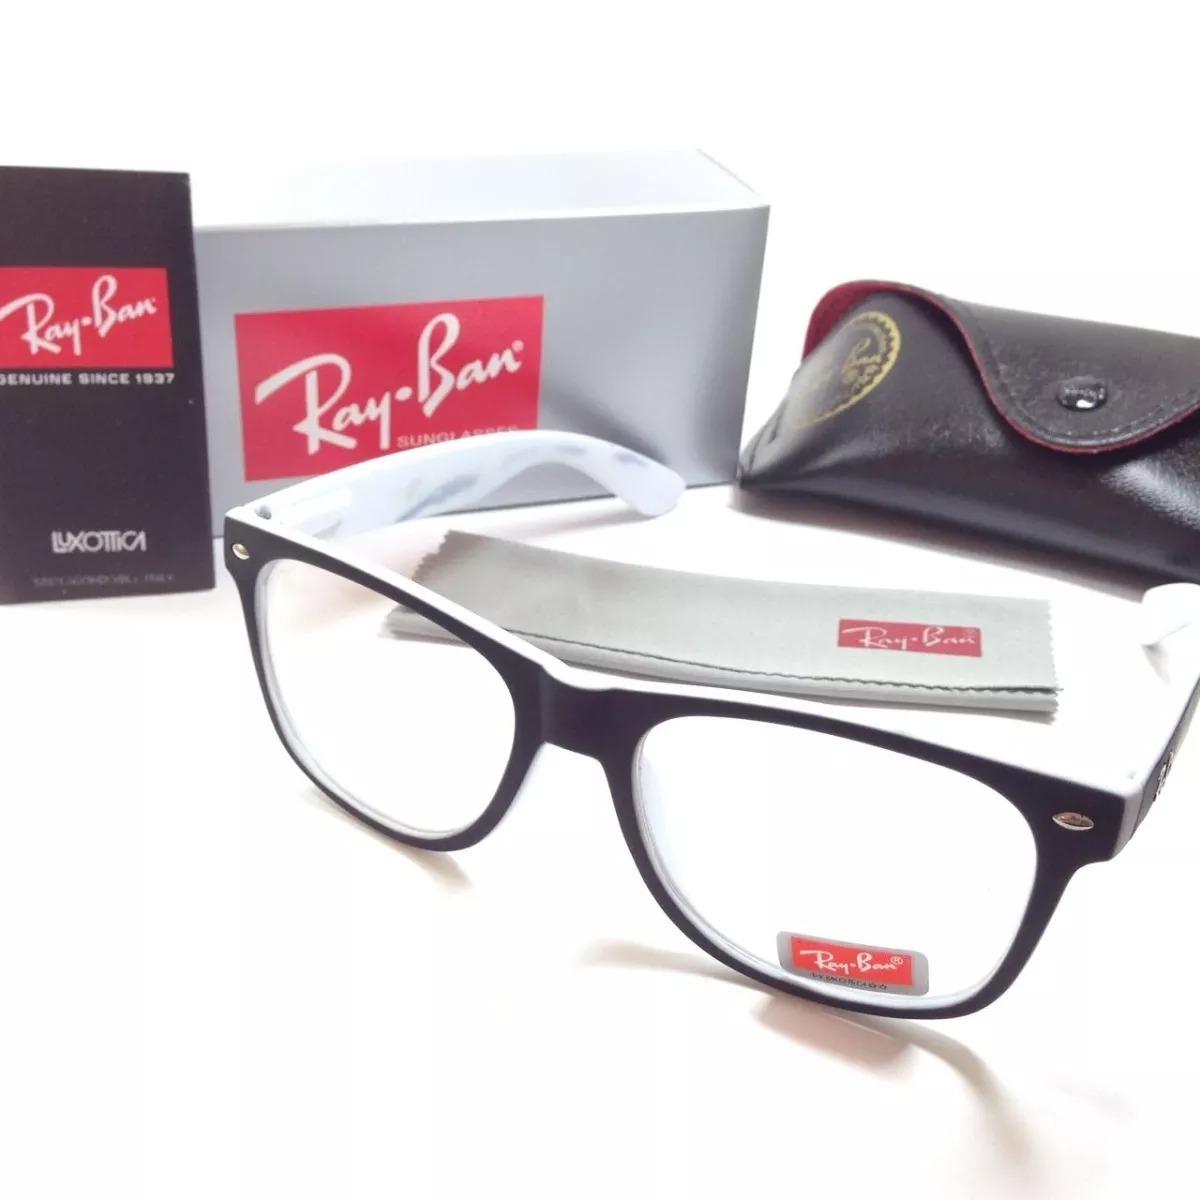 armação oculos grau rayban 5115 + cortesia grau leitura. Carregando zoom. 27cac7c4d2